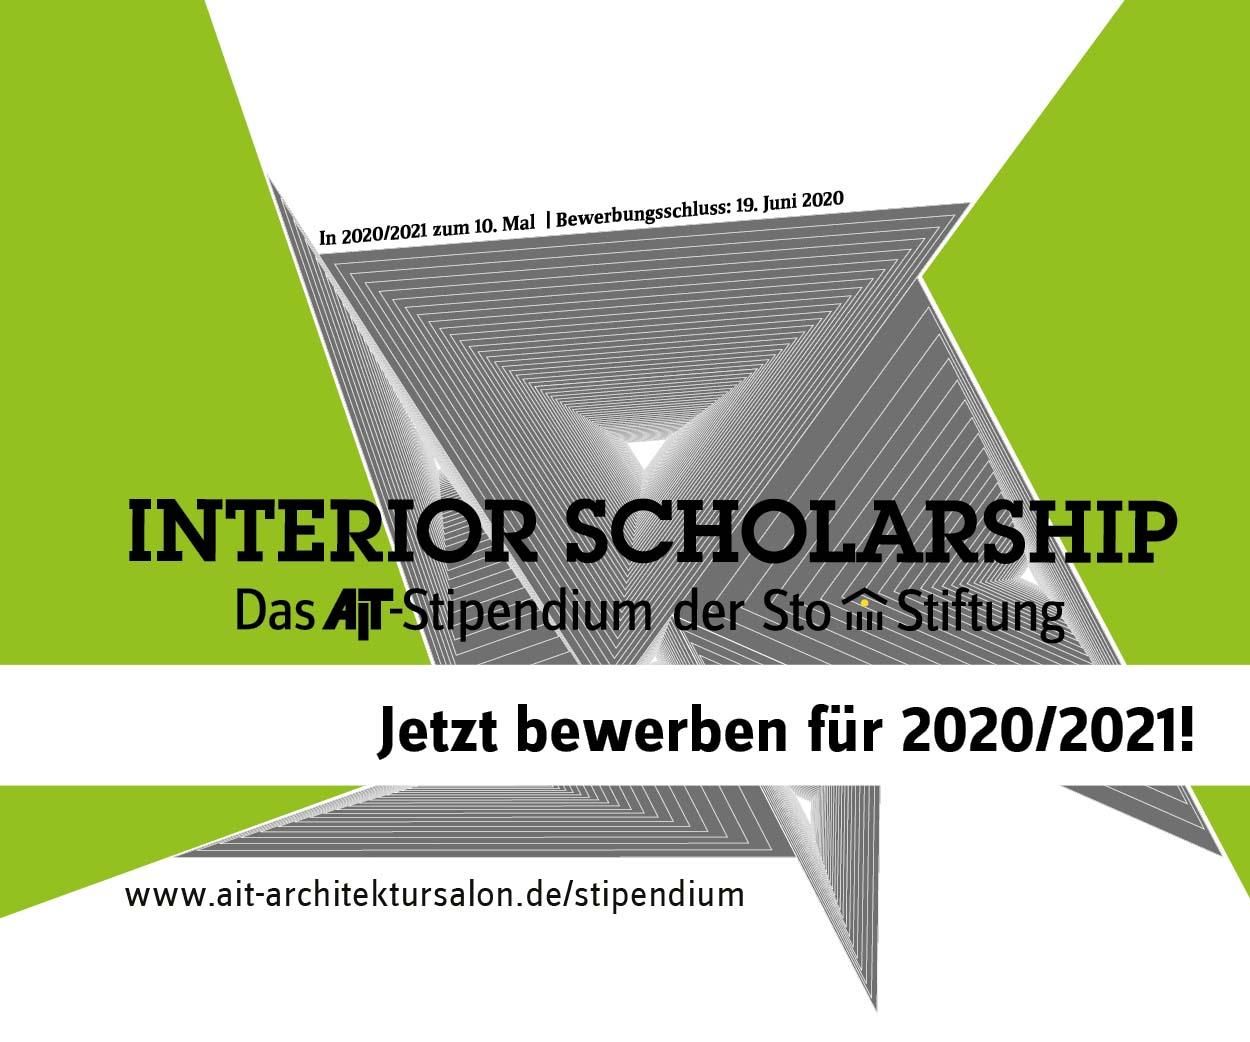 Interior Scholarship – Das AIT-Stipendium der Sto-Stifung